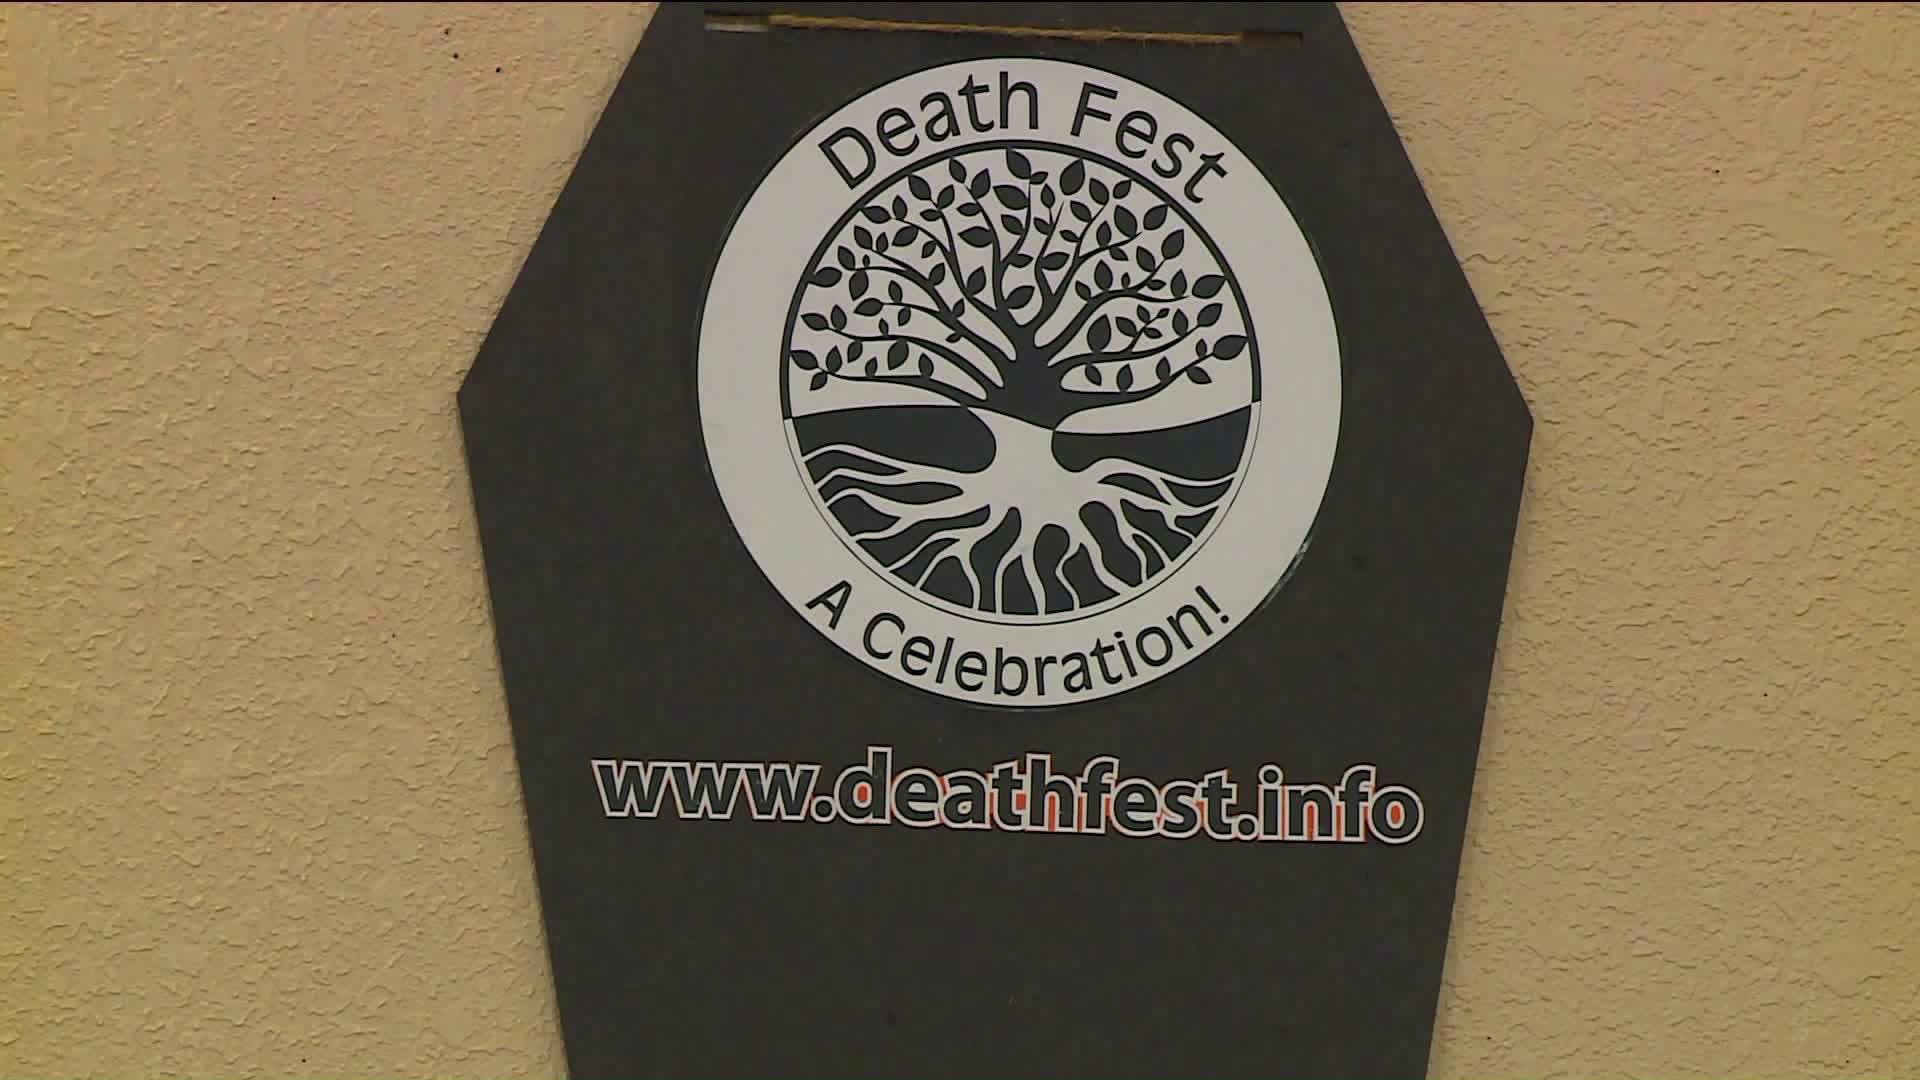 Death Fest: A Celebration!